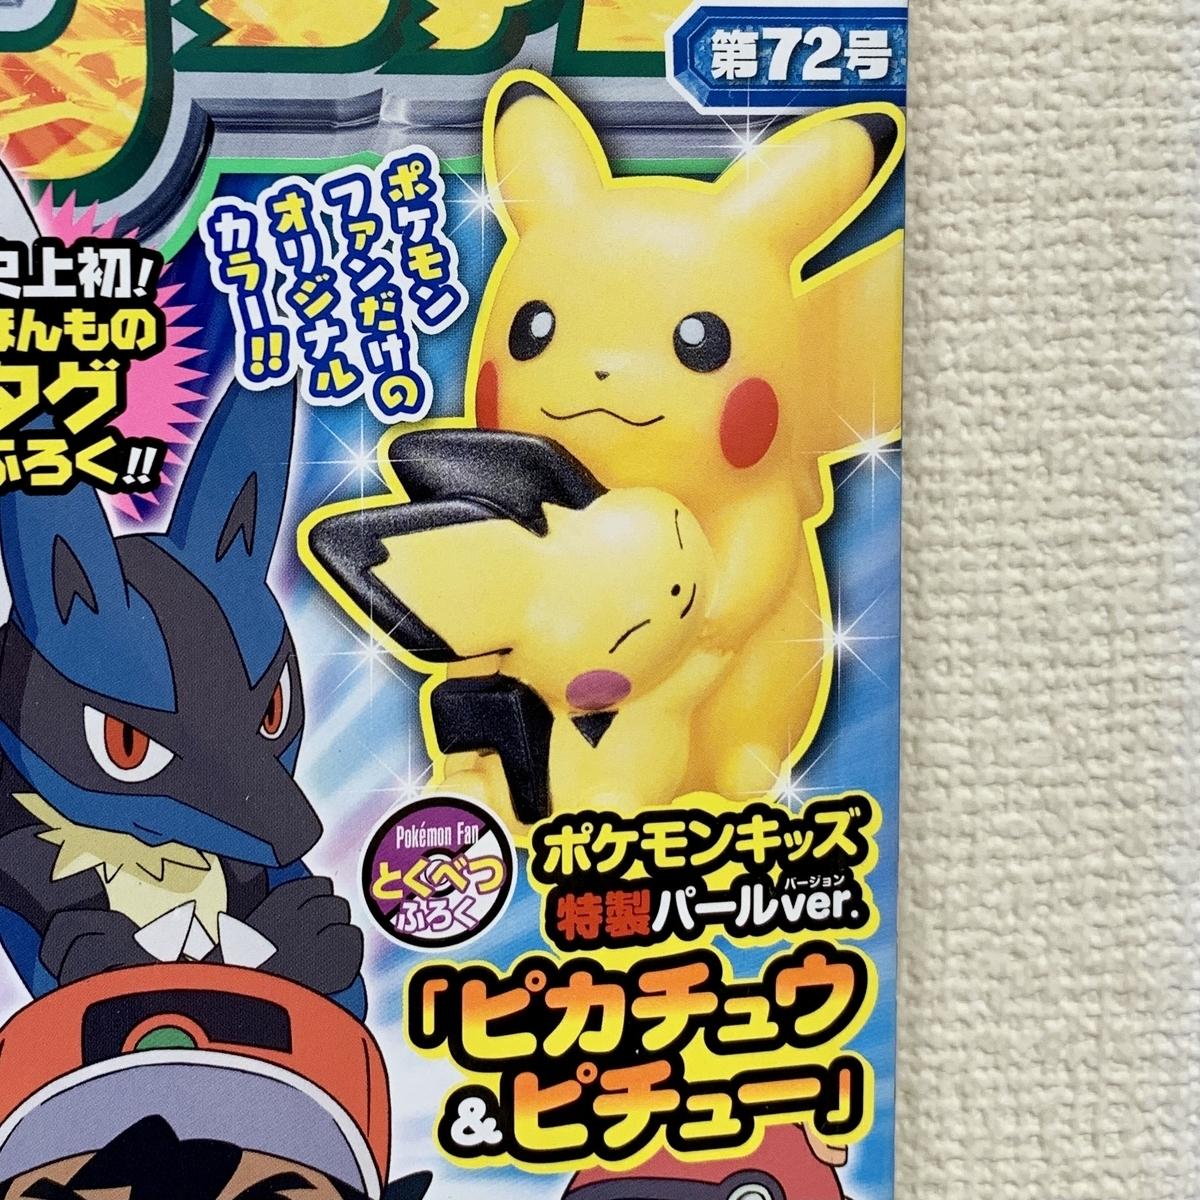 f:id:pikachu_pcn:20210228175723j:plain